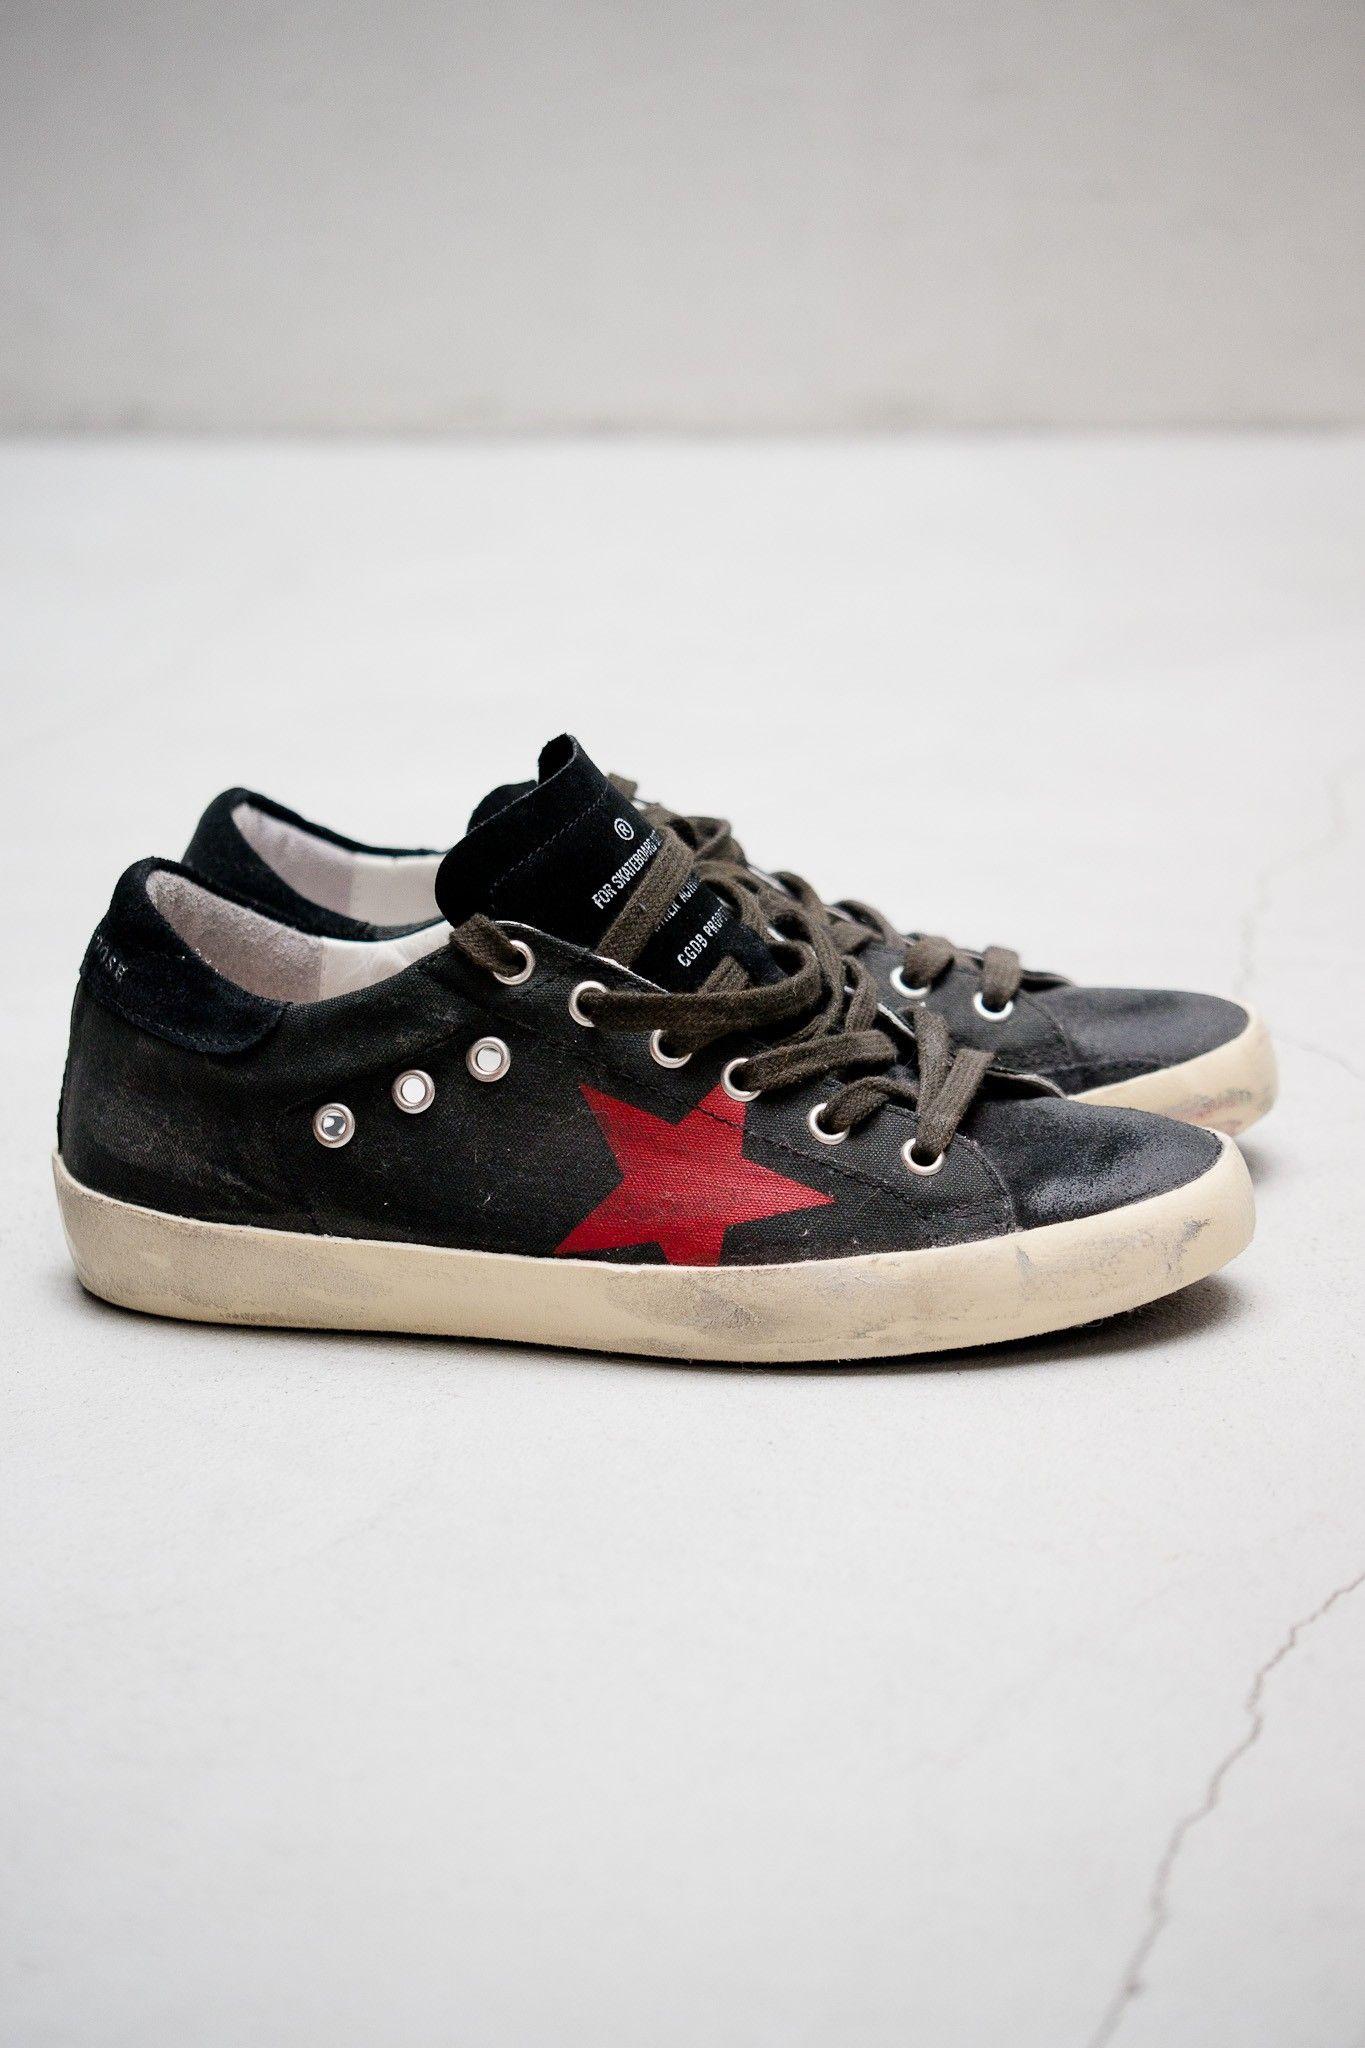 Sneakers May Black Lizard Glitter StarGolden Goose CemHvDgj